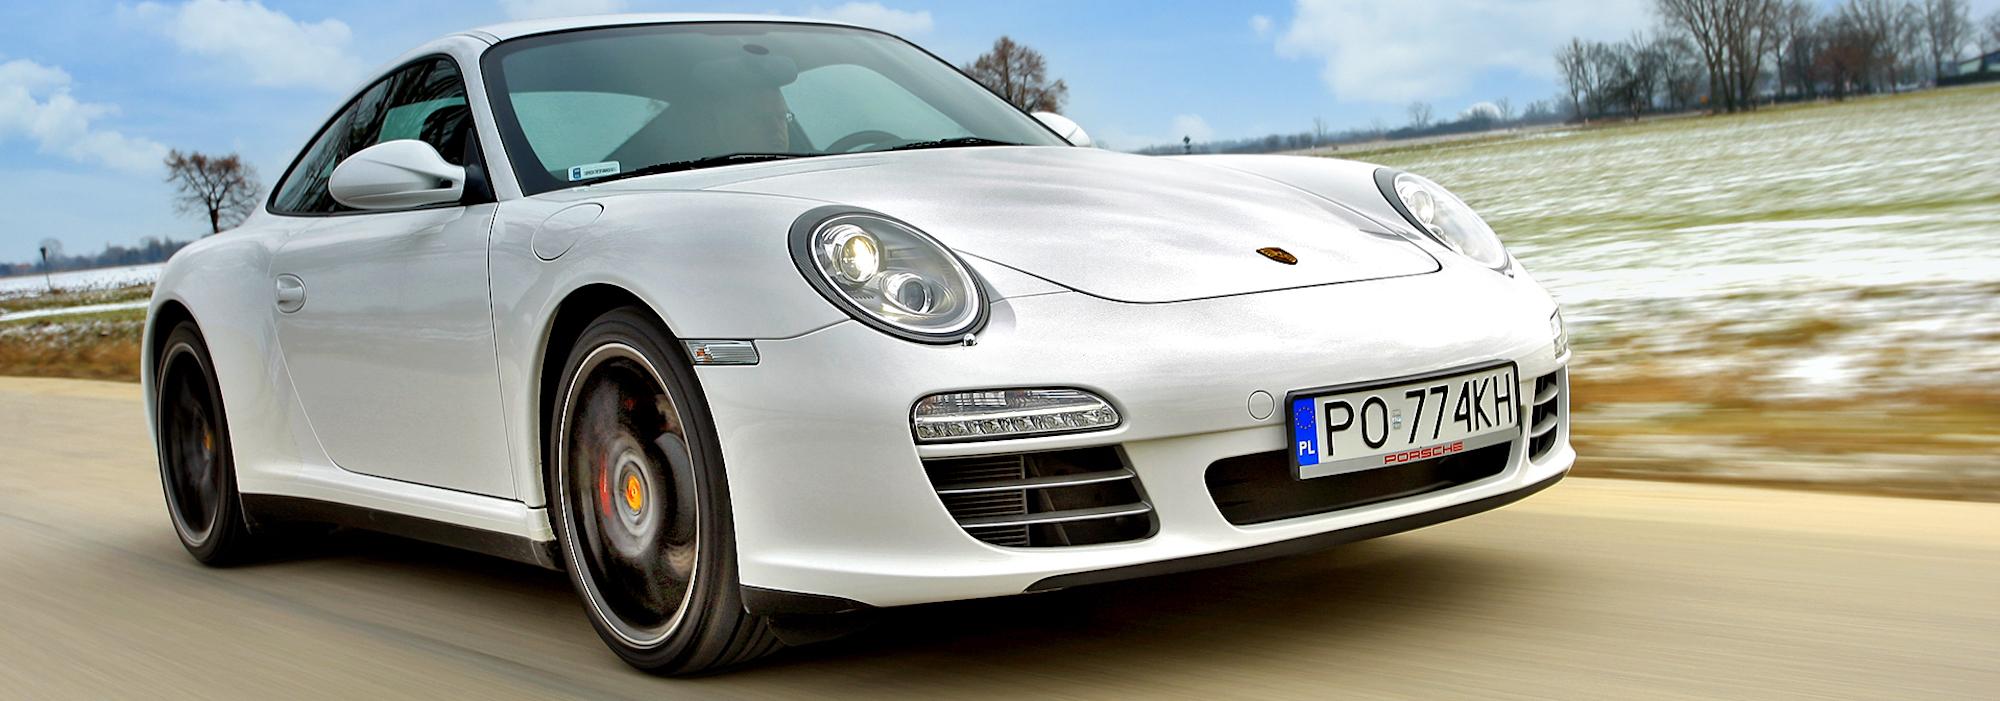 Porsche 911 997 (2004-2012)